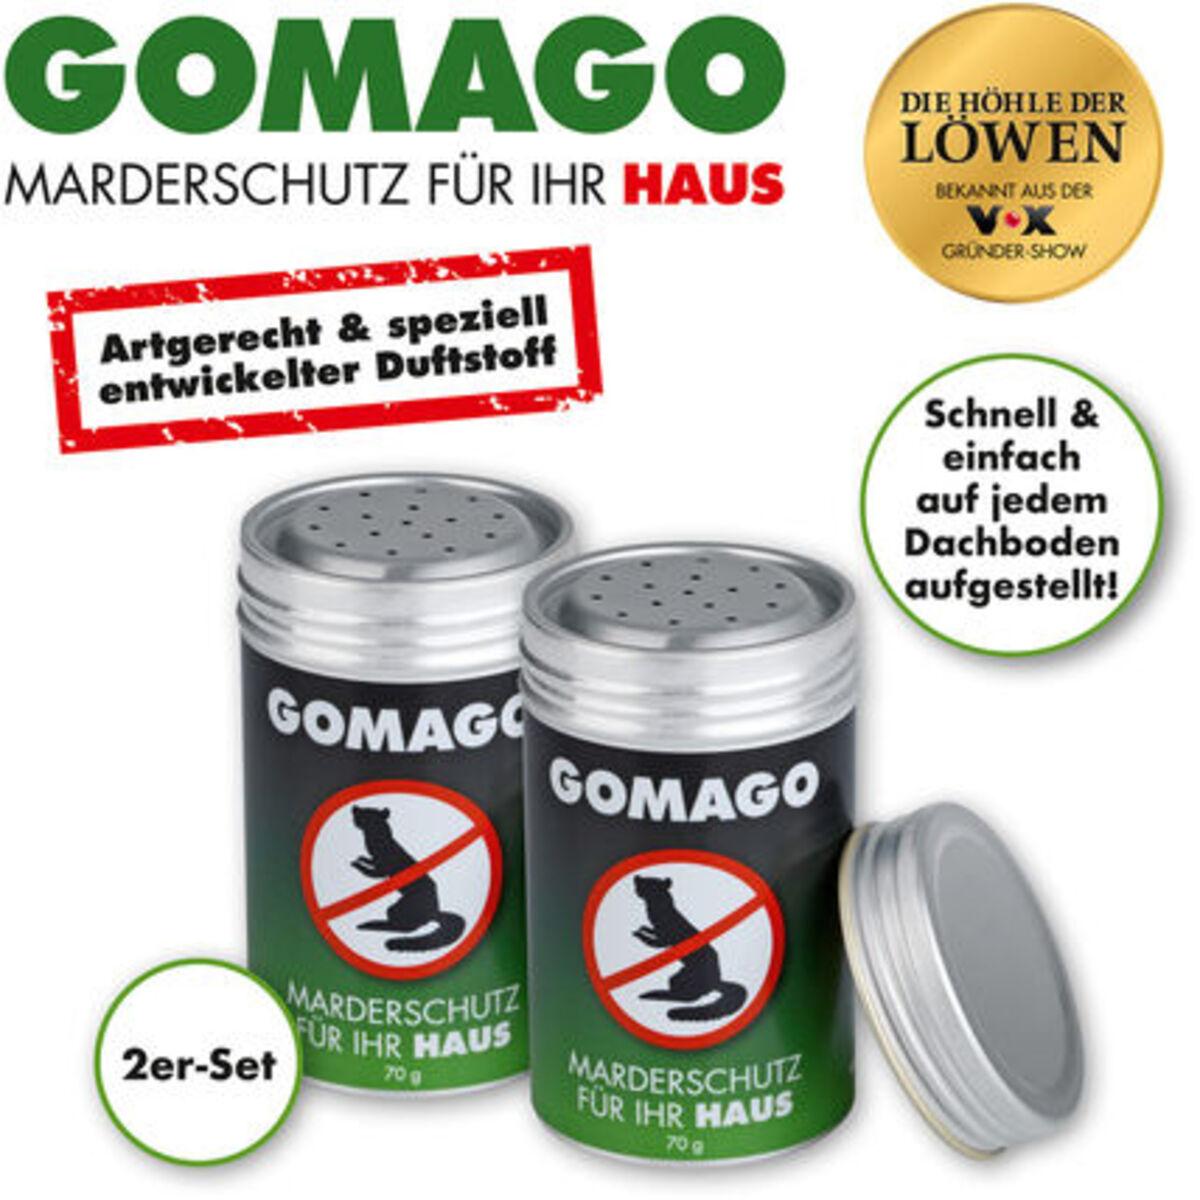 Bild 2 von Gomago Mardervergrämung, Haus, 2er-Set 70 g